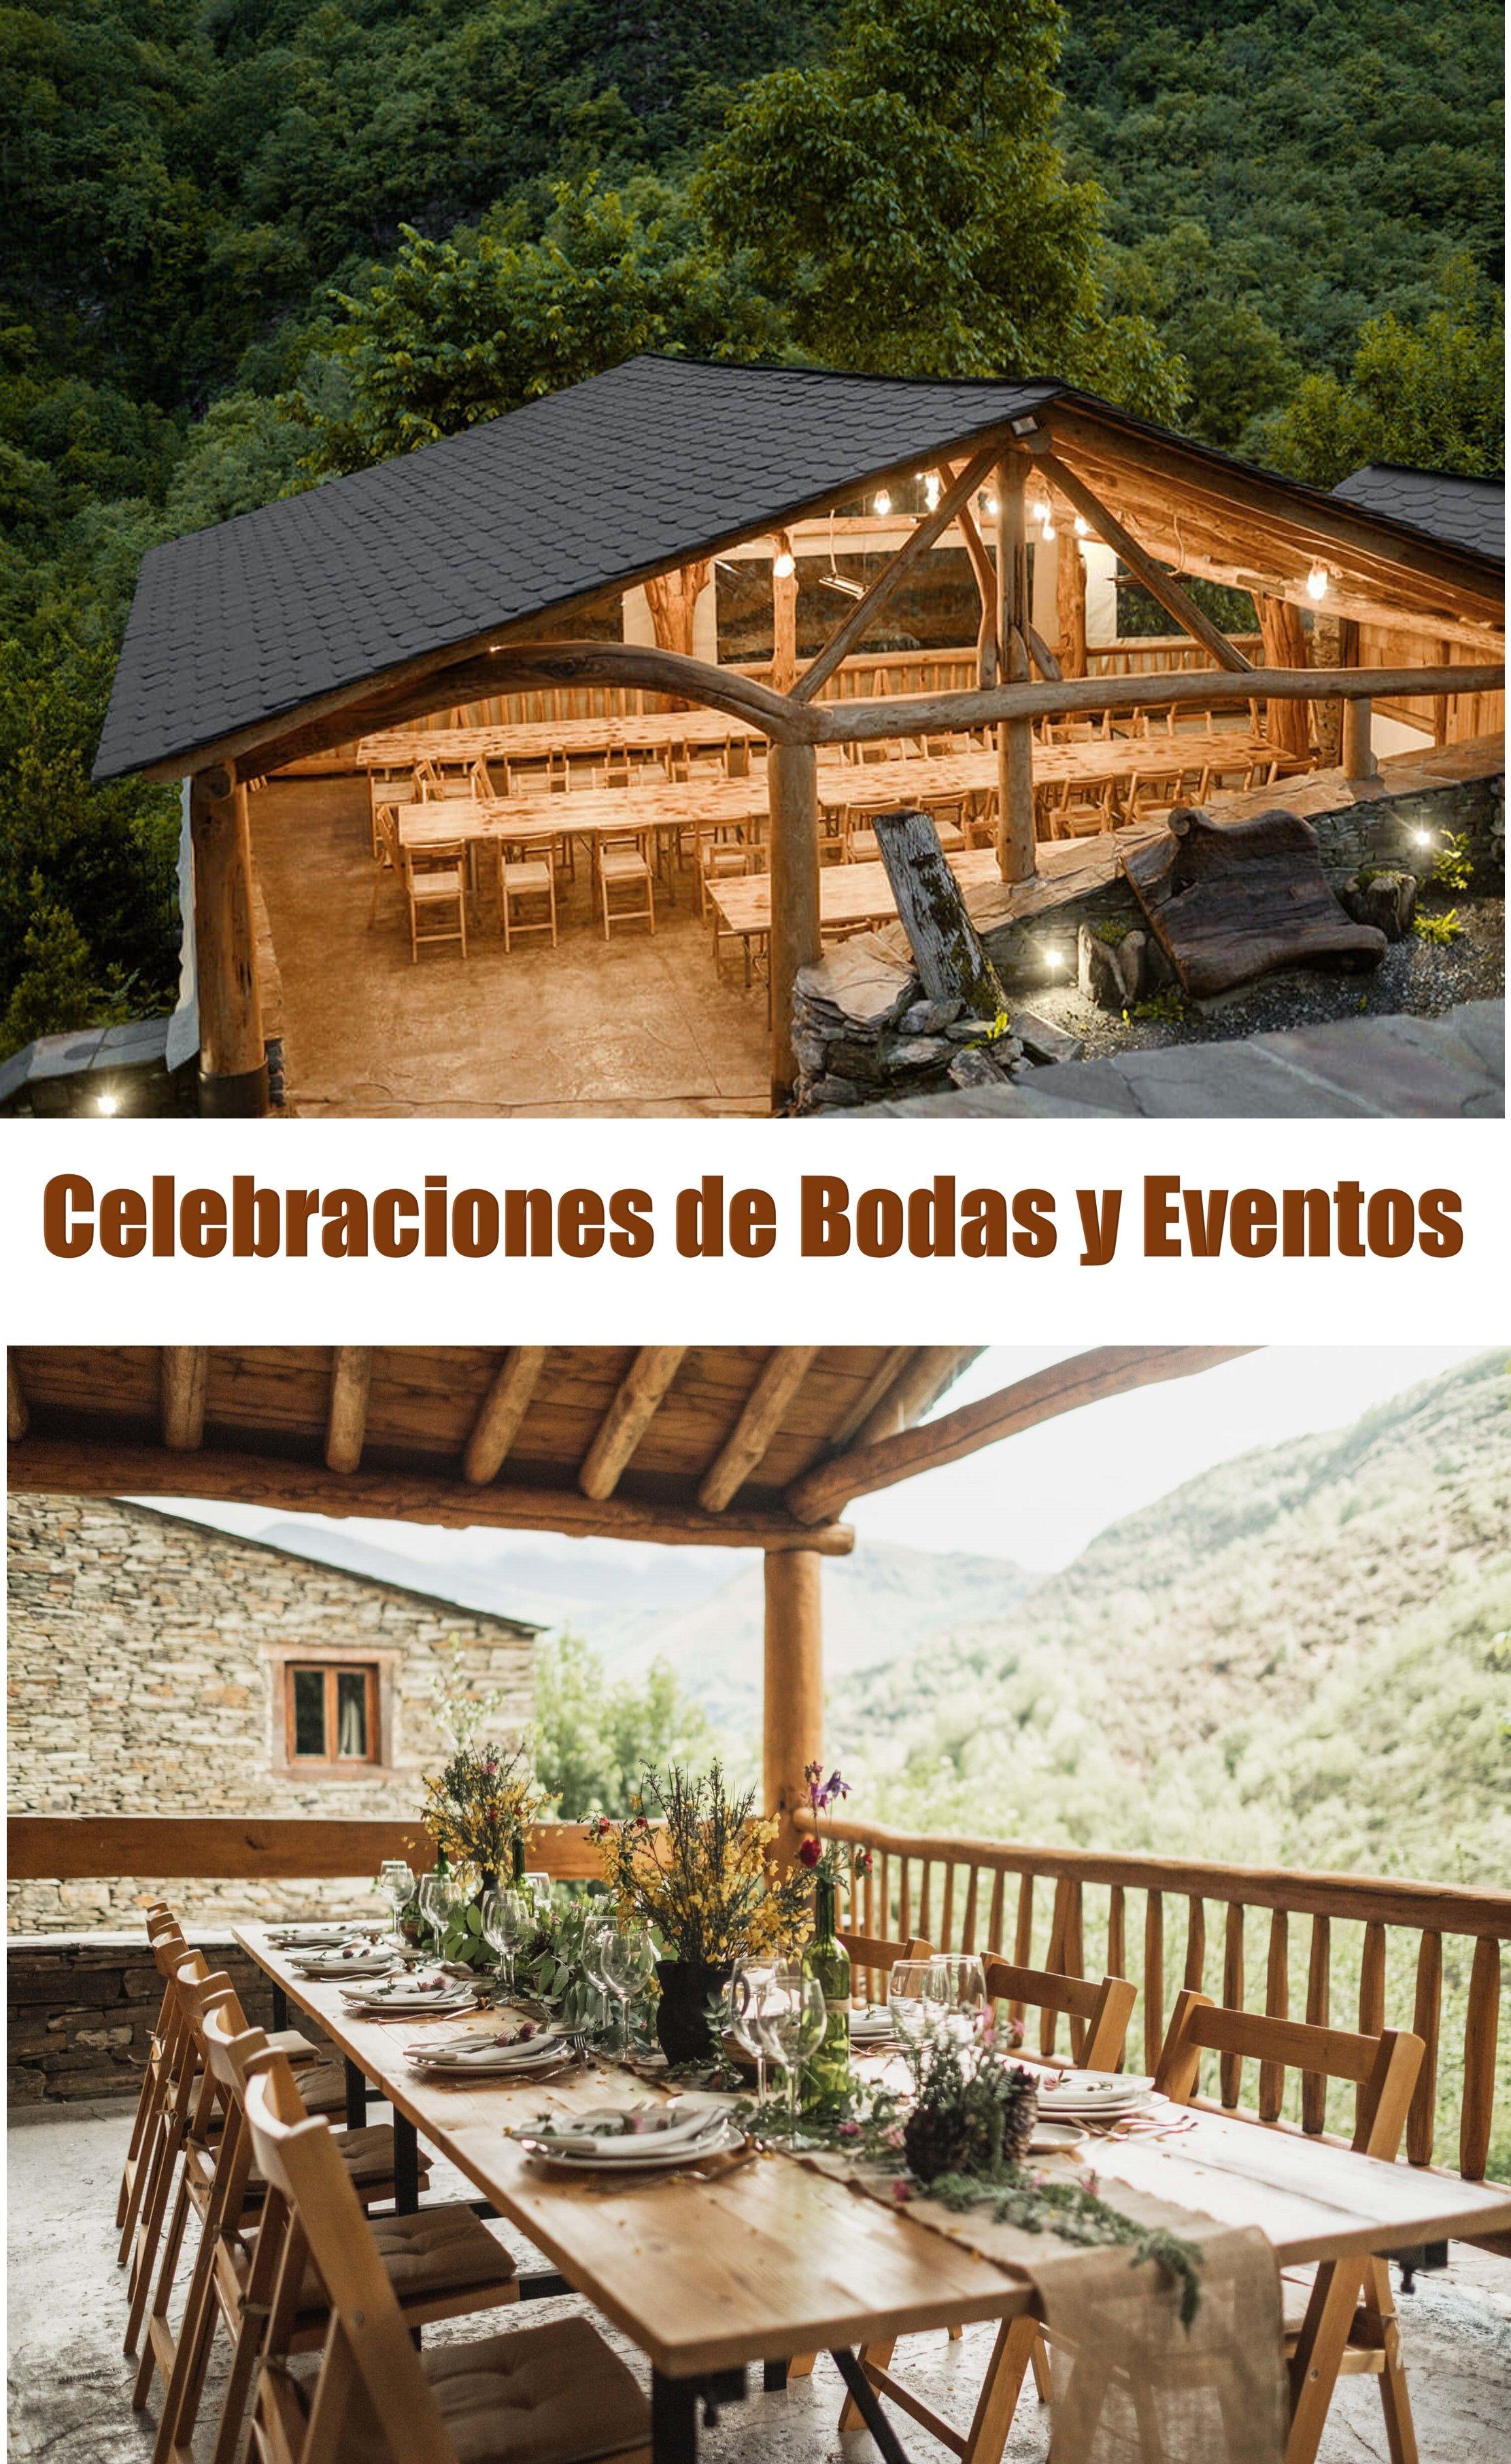 Lugo Celebraciones De Bodas Y Eventos Casas De Campo De Piedra Casas Para Fiestas Construccion Sostenible